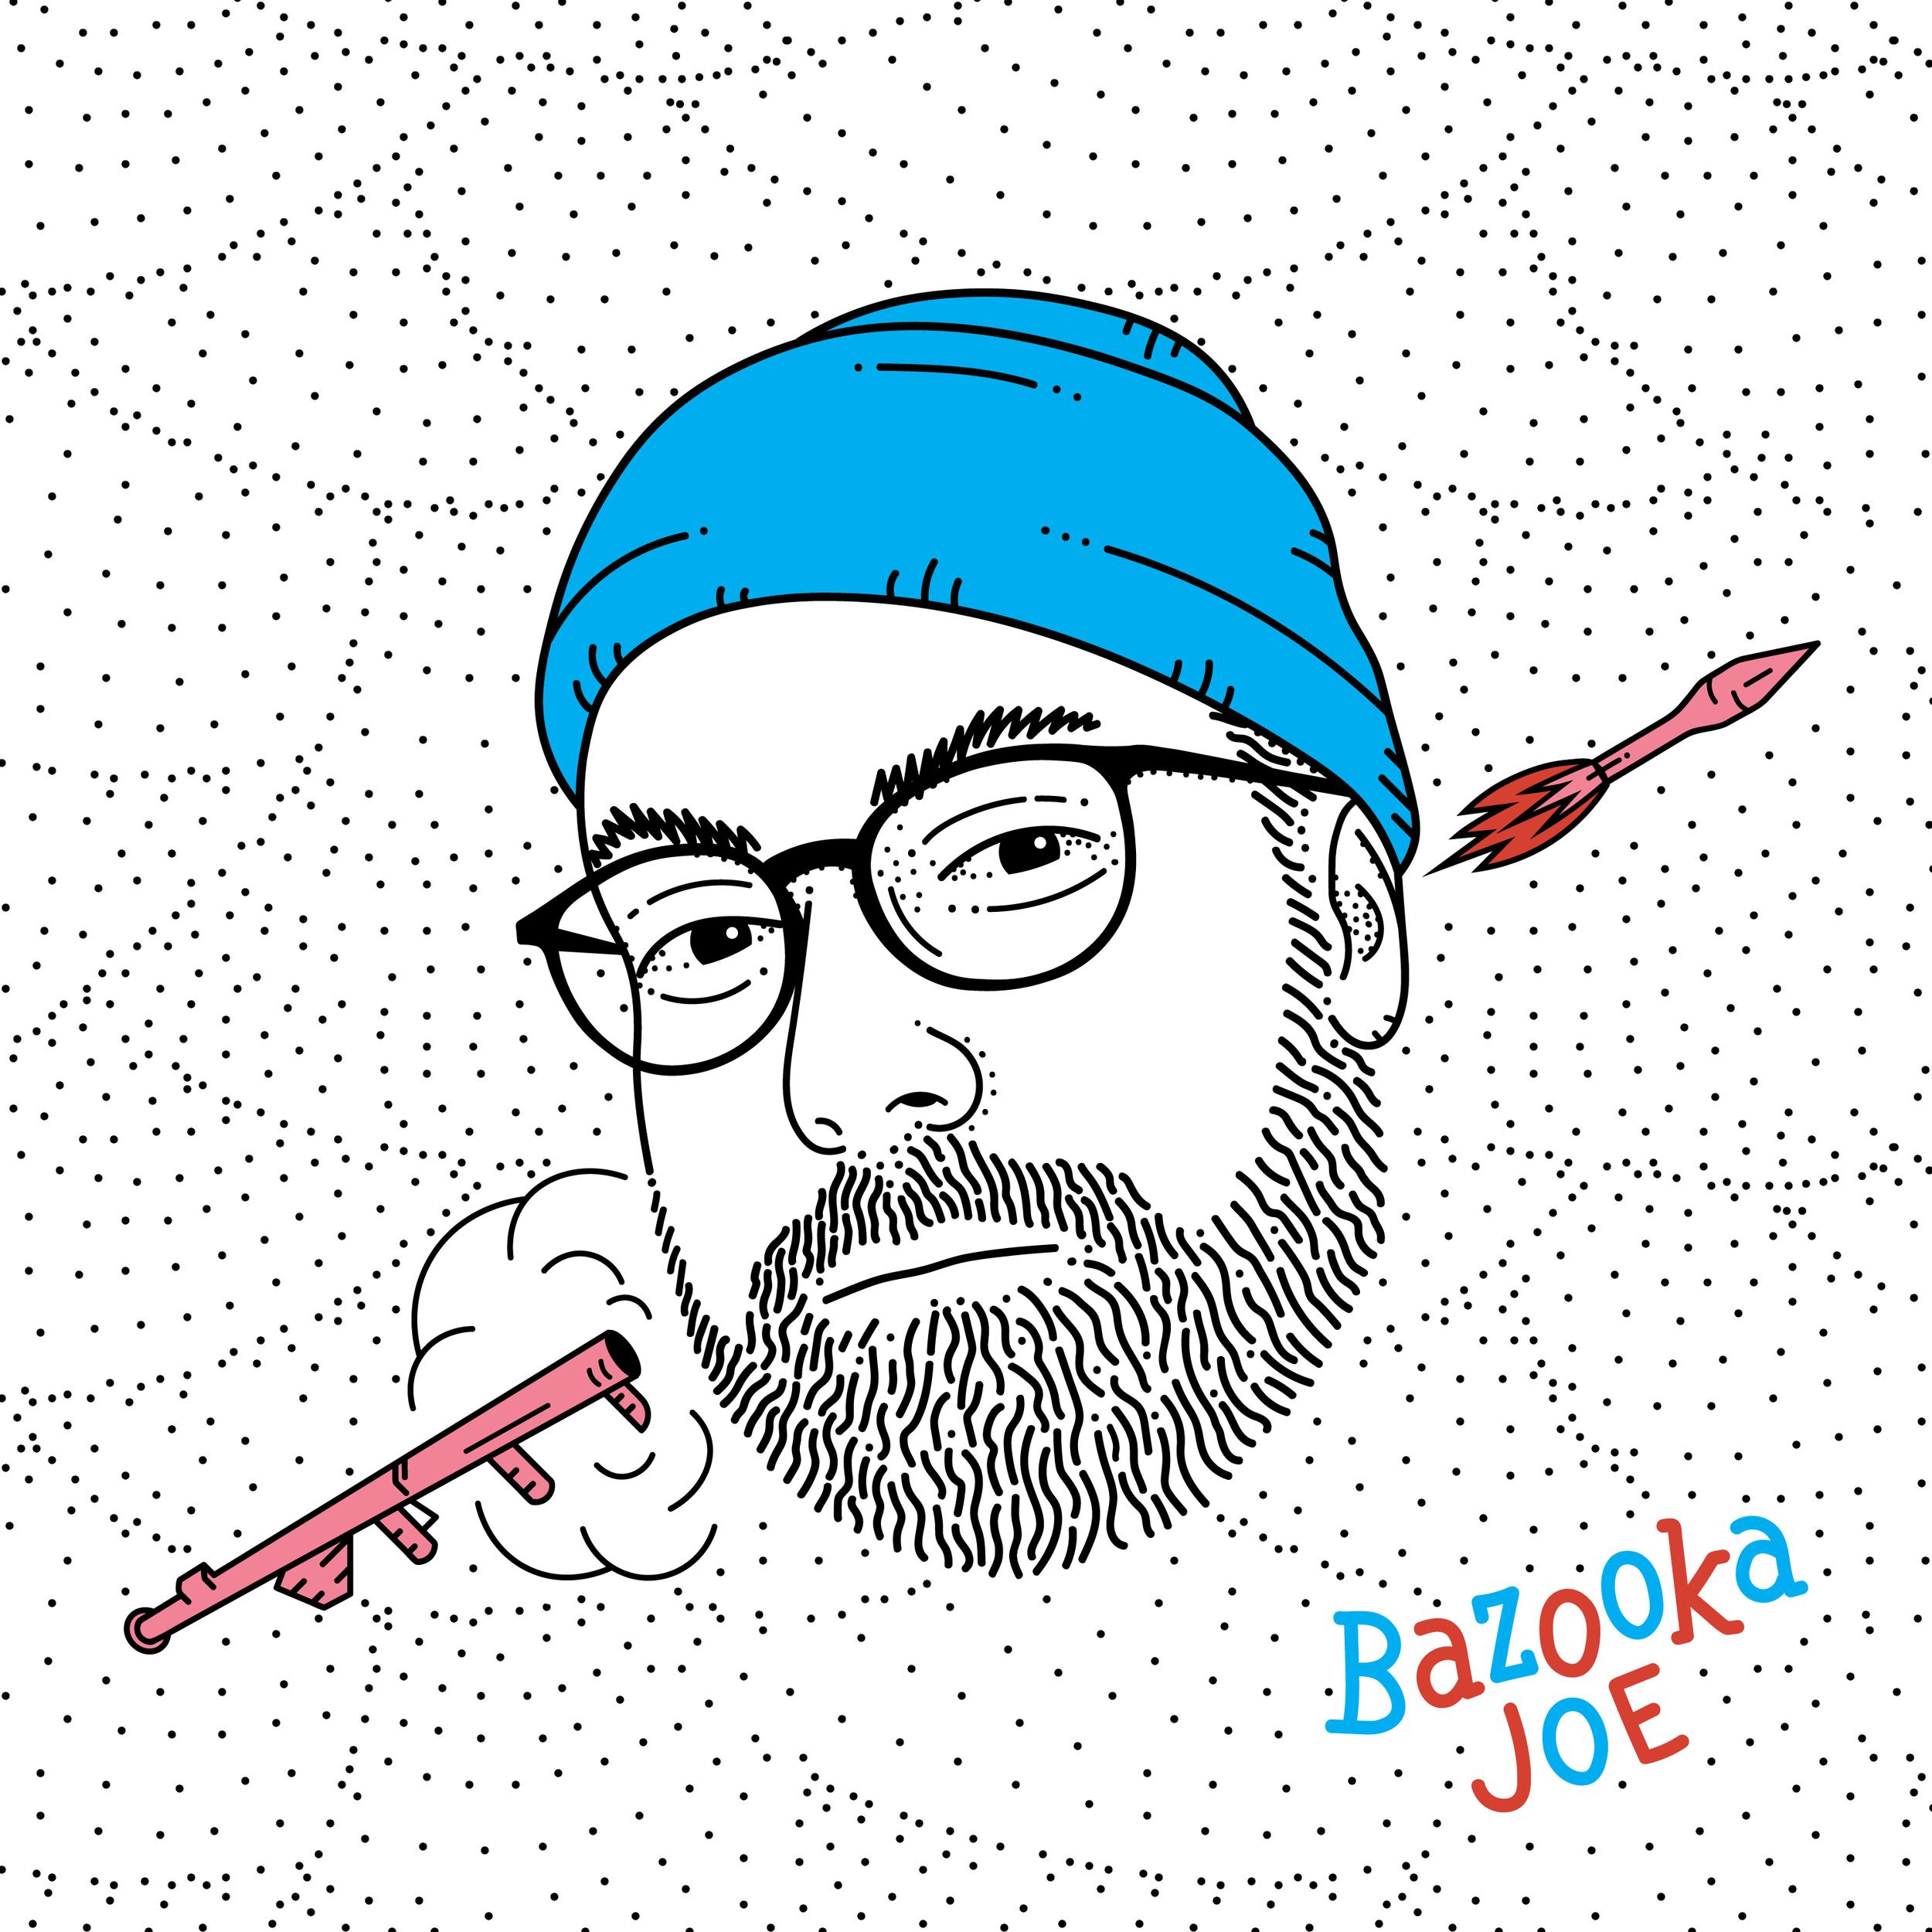 Episode 33 - Bazooka Joe - Peanuts and Corn